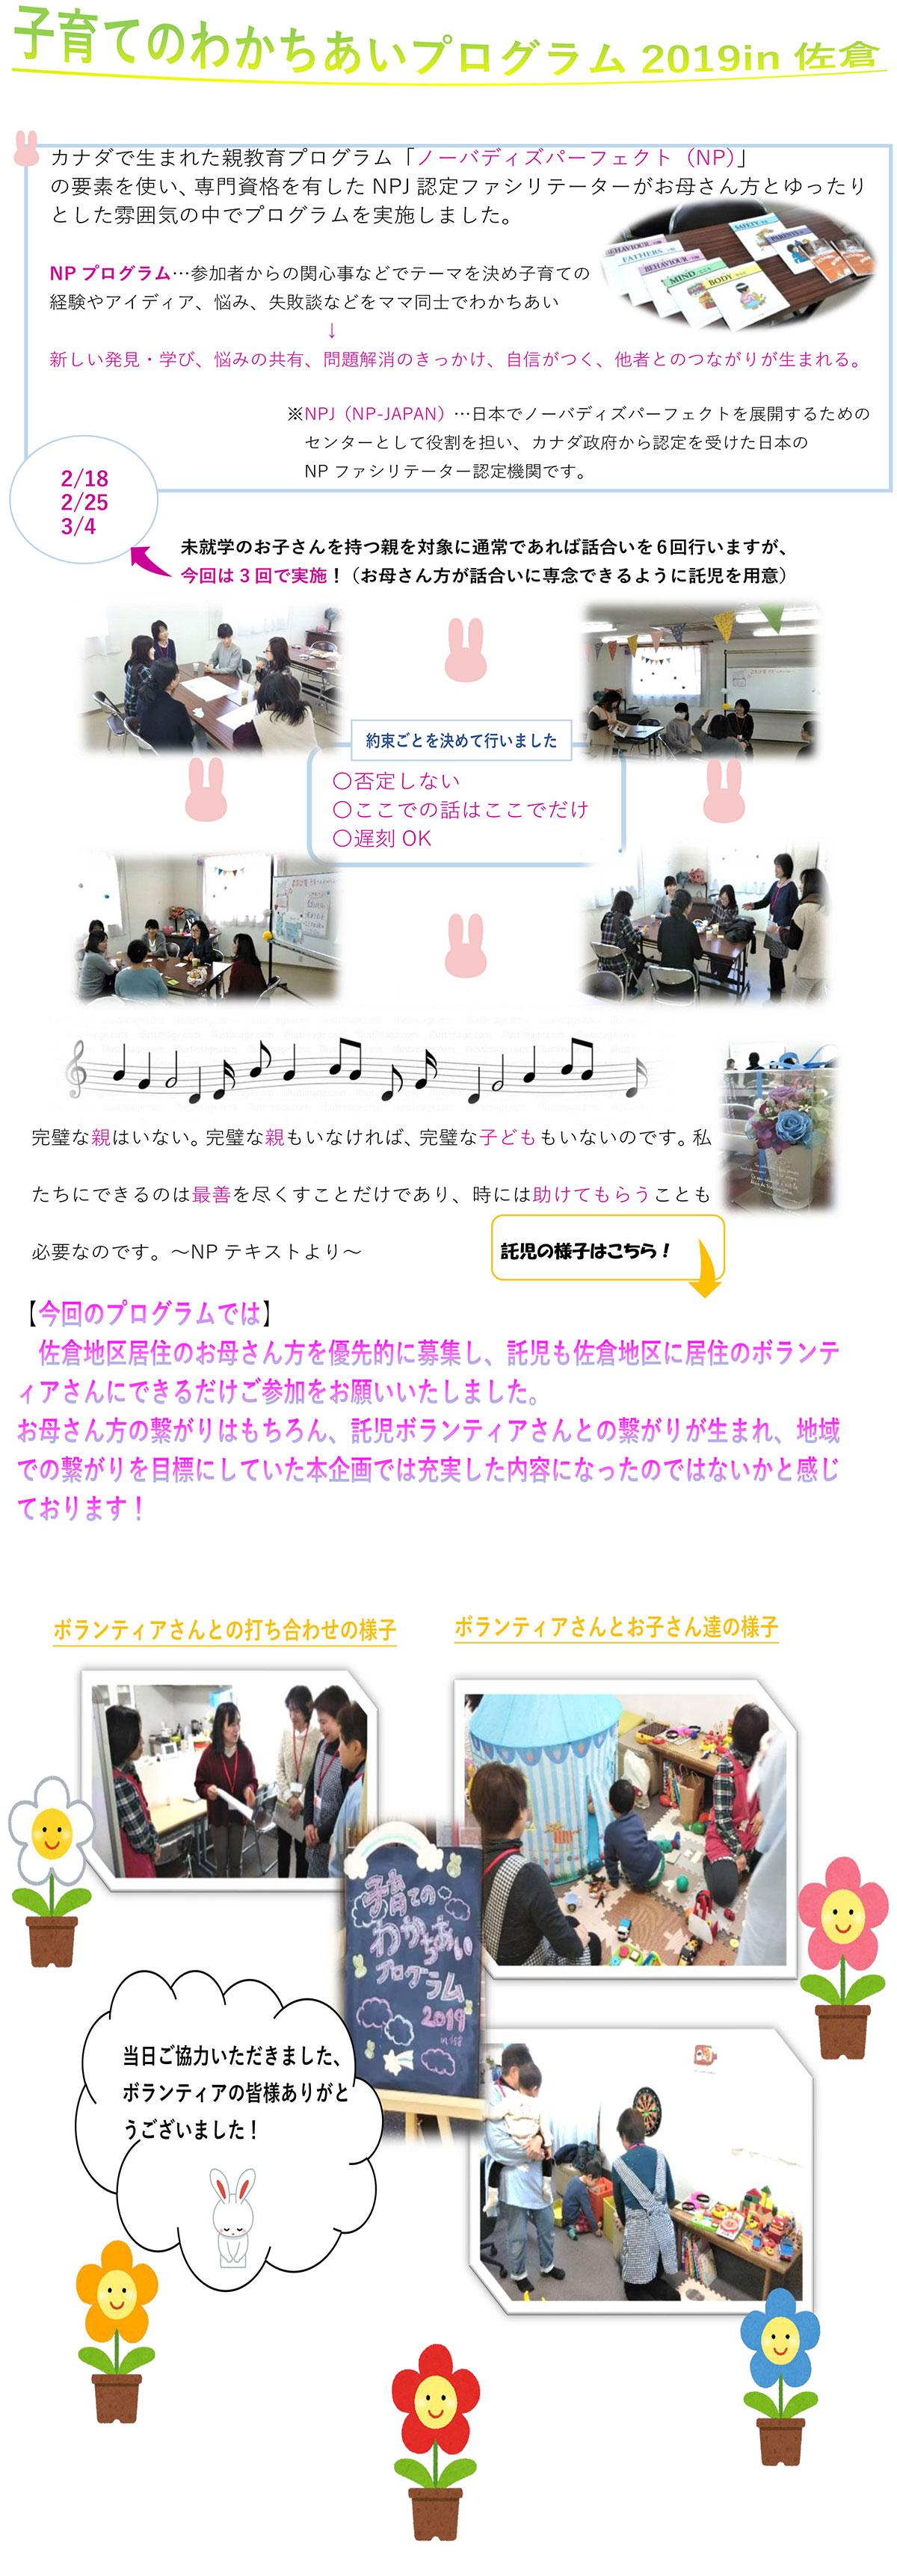 子育てのわかちあいプログラム2019in佐倉開催報告